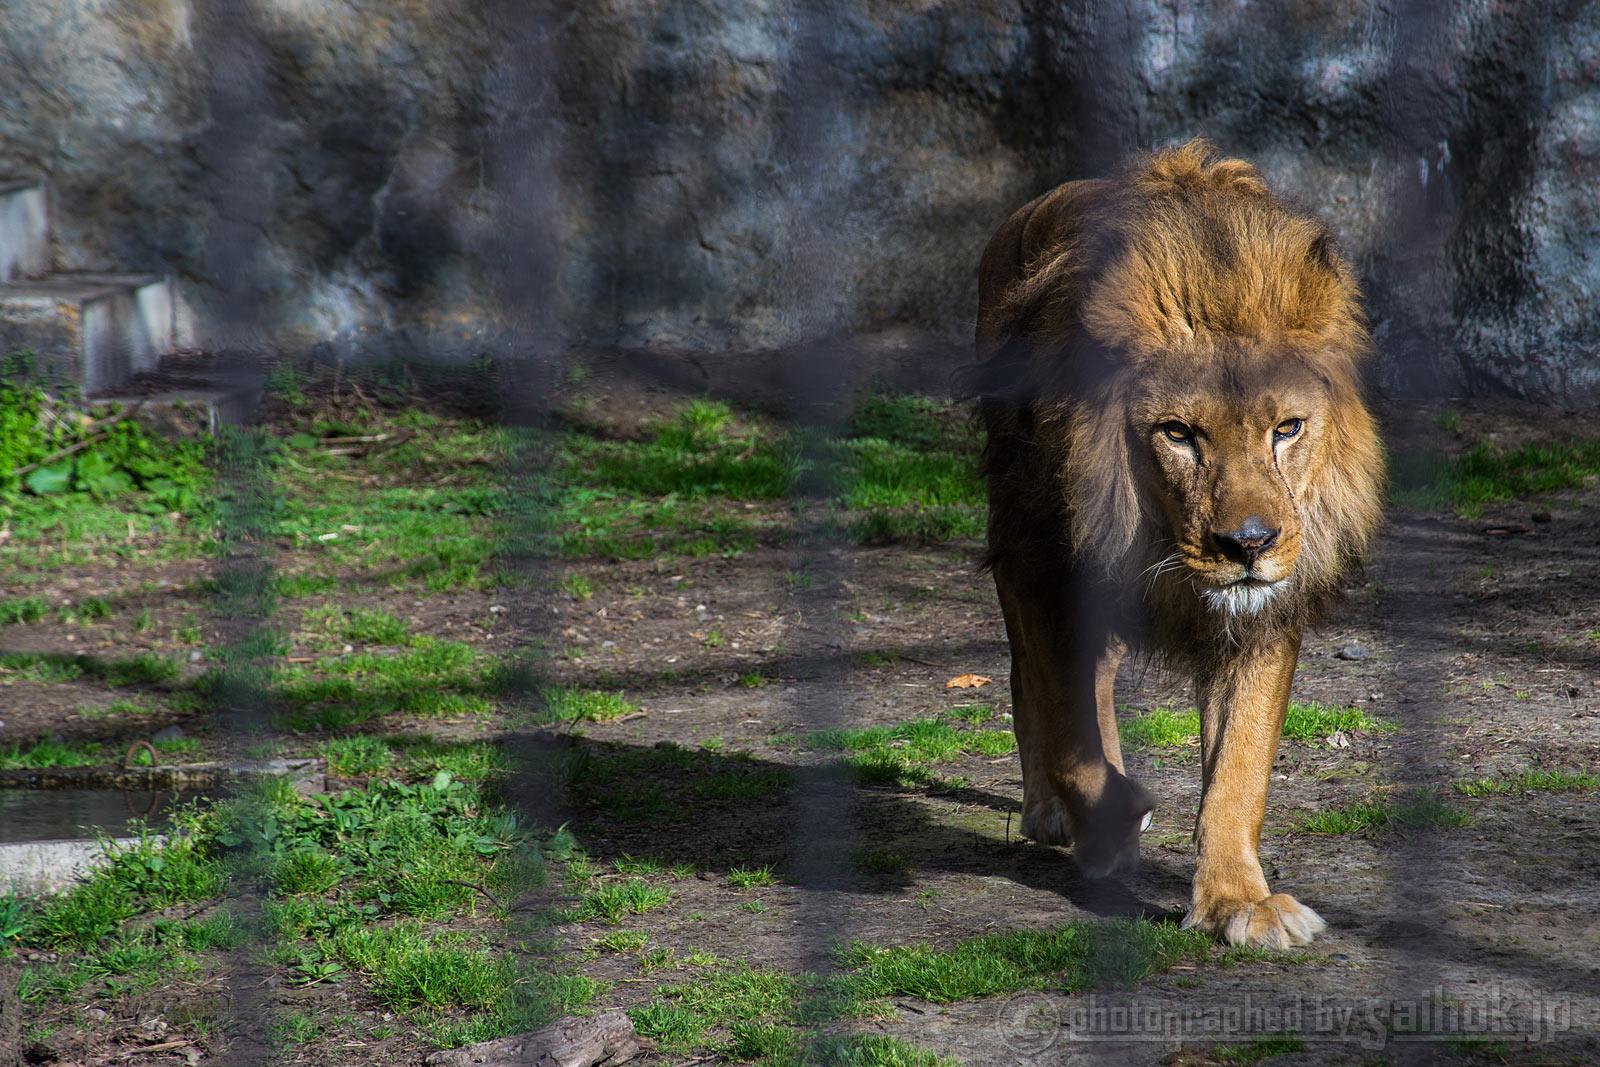 ゴールデンウィーク明けの旭山動物園(夏期開園)だ「ガォーッ!」